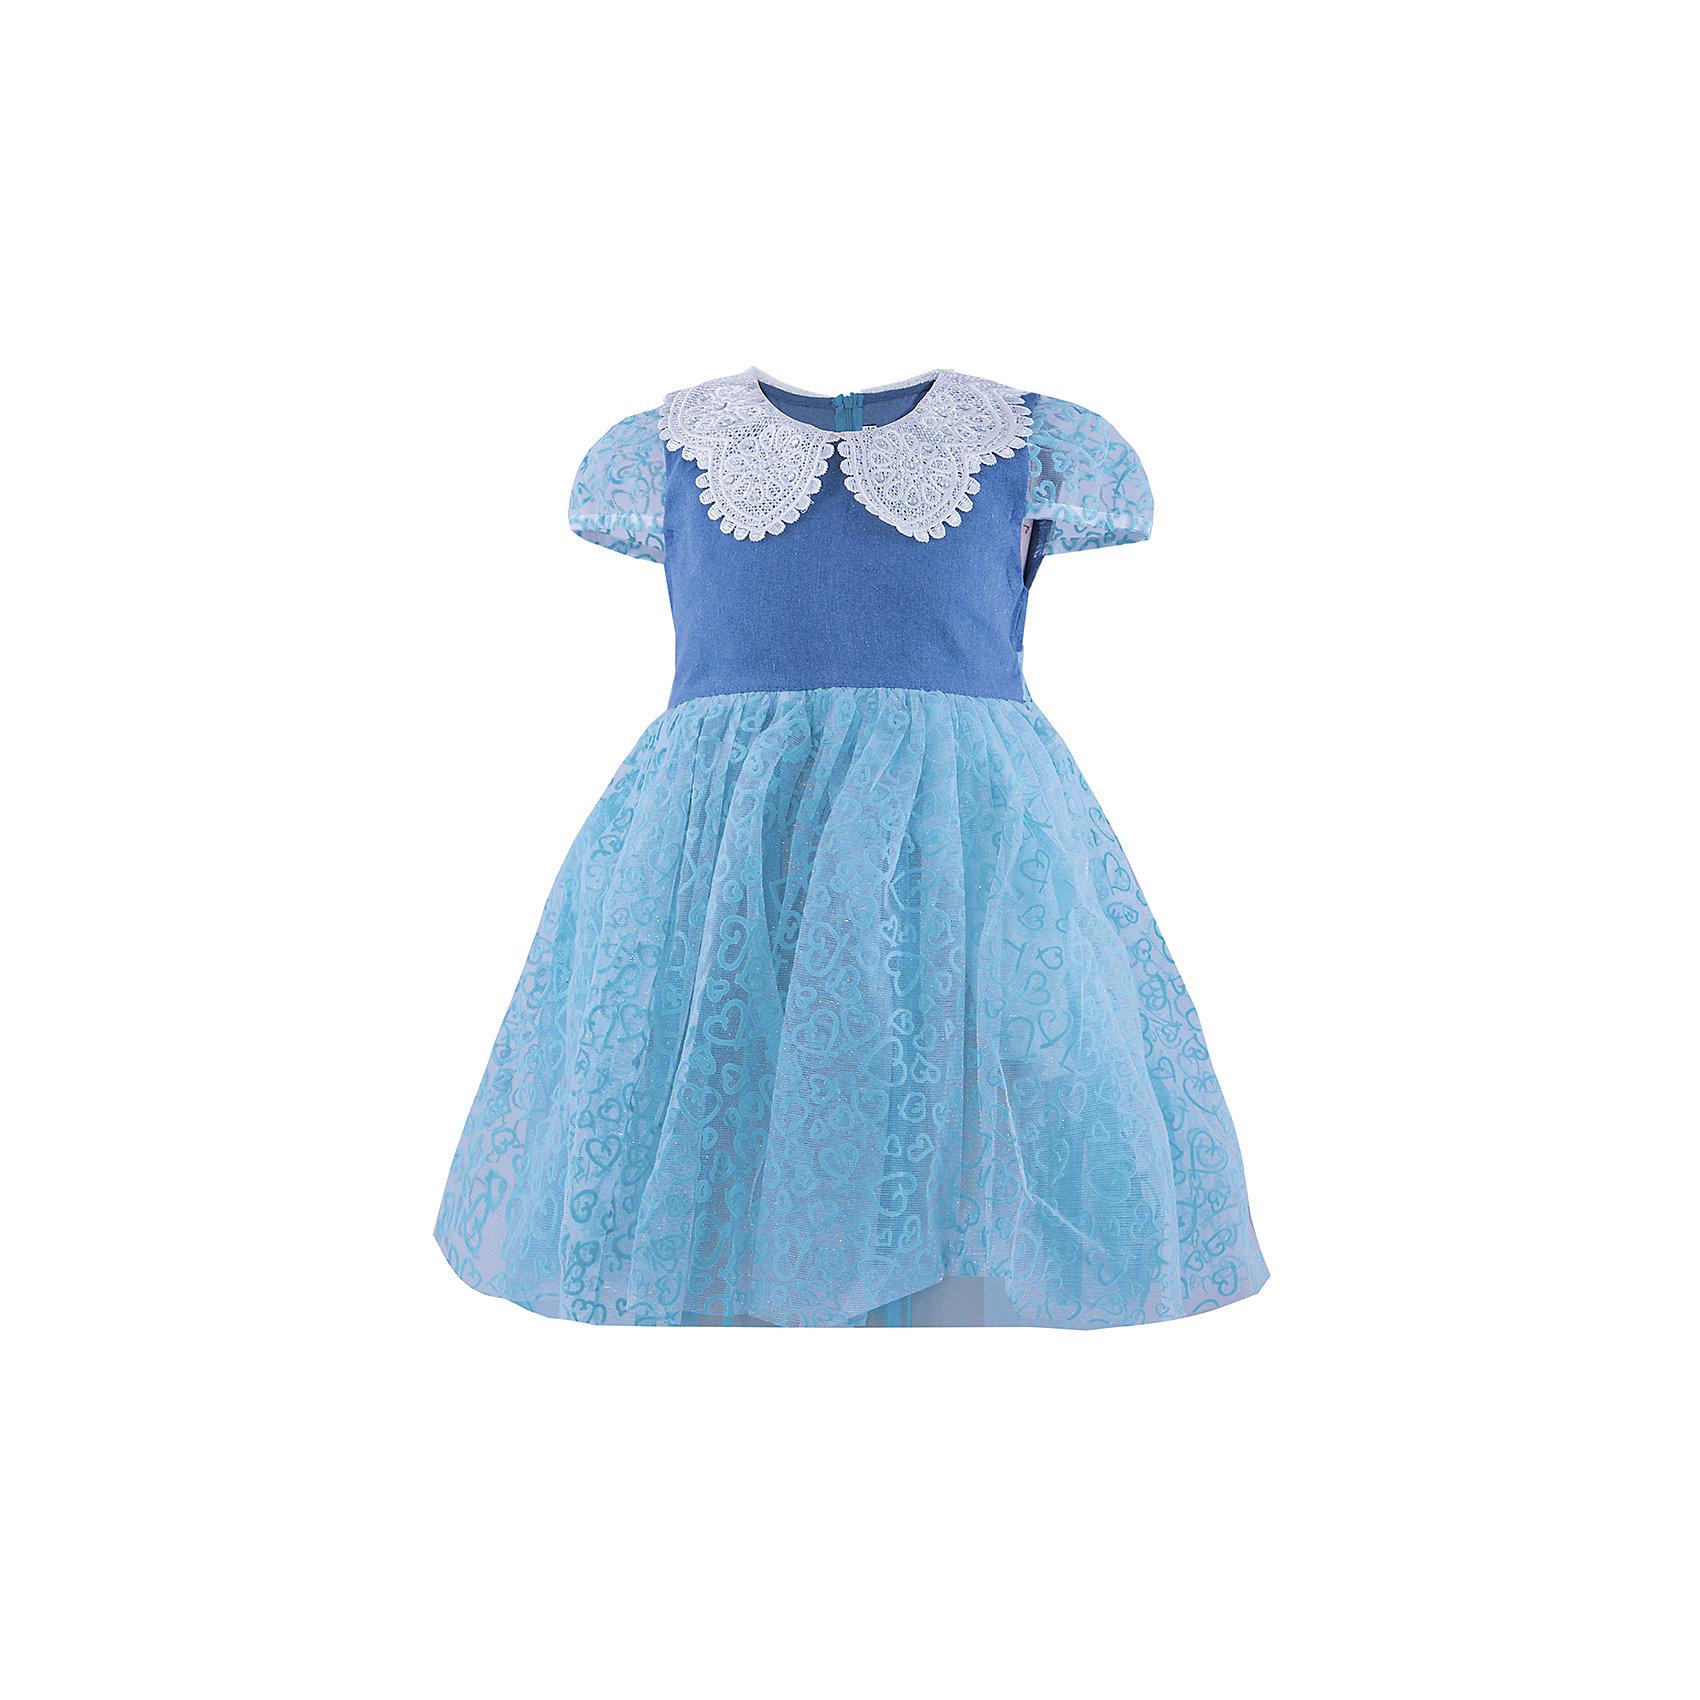 Нарядное платье ВенераНарядное платье для девочки от бренда Венера<br><br>Стильное и удобное платье отлично подойдет для праздника или похода в гости. В любой ситуации ребенок   в нем будет выглядеть достойно, а чувствовать себя - комфортно.<br><br>Особенности модели:<br><br>- состав: верх- 50% полиэстер 50% хлопок, подклад-100% хлопок<br>- материал - разной фактуры (верх - тонкая джинса, низ - многослойный);<br>- цвет - синий, голубой;<br>- отложной воротник из кружева со стразами;<br>- рукава короткие, фонариком, из органзы;<br>- трехслойный пышный подол из органзы с набивным принтом;<br>- сзади застежка-молния;<br>- пояс из органзы сзади завязывается на бант.<br><br>Дополнительная информация:<br><br>Габариты:<br><br>длина по спинке - 55 см.<br><br>* соответствует размеру 98/104<br><br>Нарядное платье для девочки от бренда Венера можно купить в нашем магазине.<br><br>Ширина мм: 236<br>Глубина мм: 16<br>Высота мм: 184<br>Вес г: 177<br>Цвет: голубой<br>Возраст от месяцев: 72<br>Возраст до месяцев: 84<br>Пол: Женский<br>Возраст: Детский<br>Размер: 116/122,98/104,104/110,110/116<br>SKU: 4322144